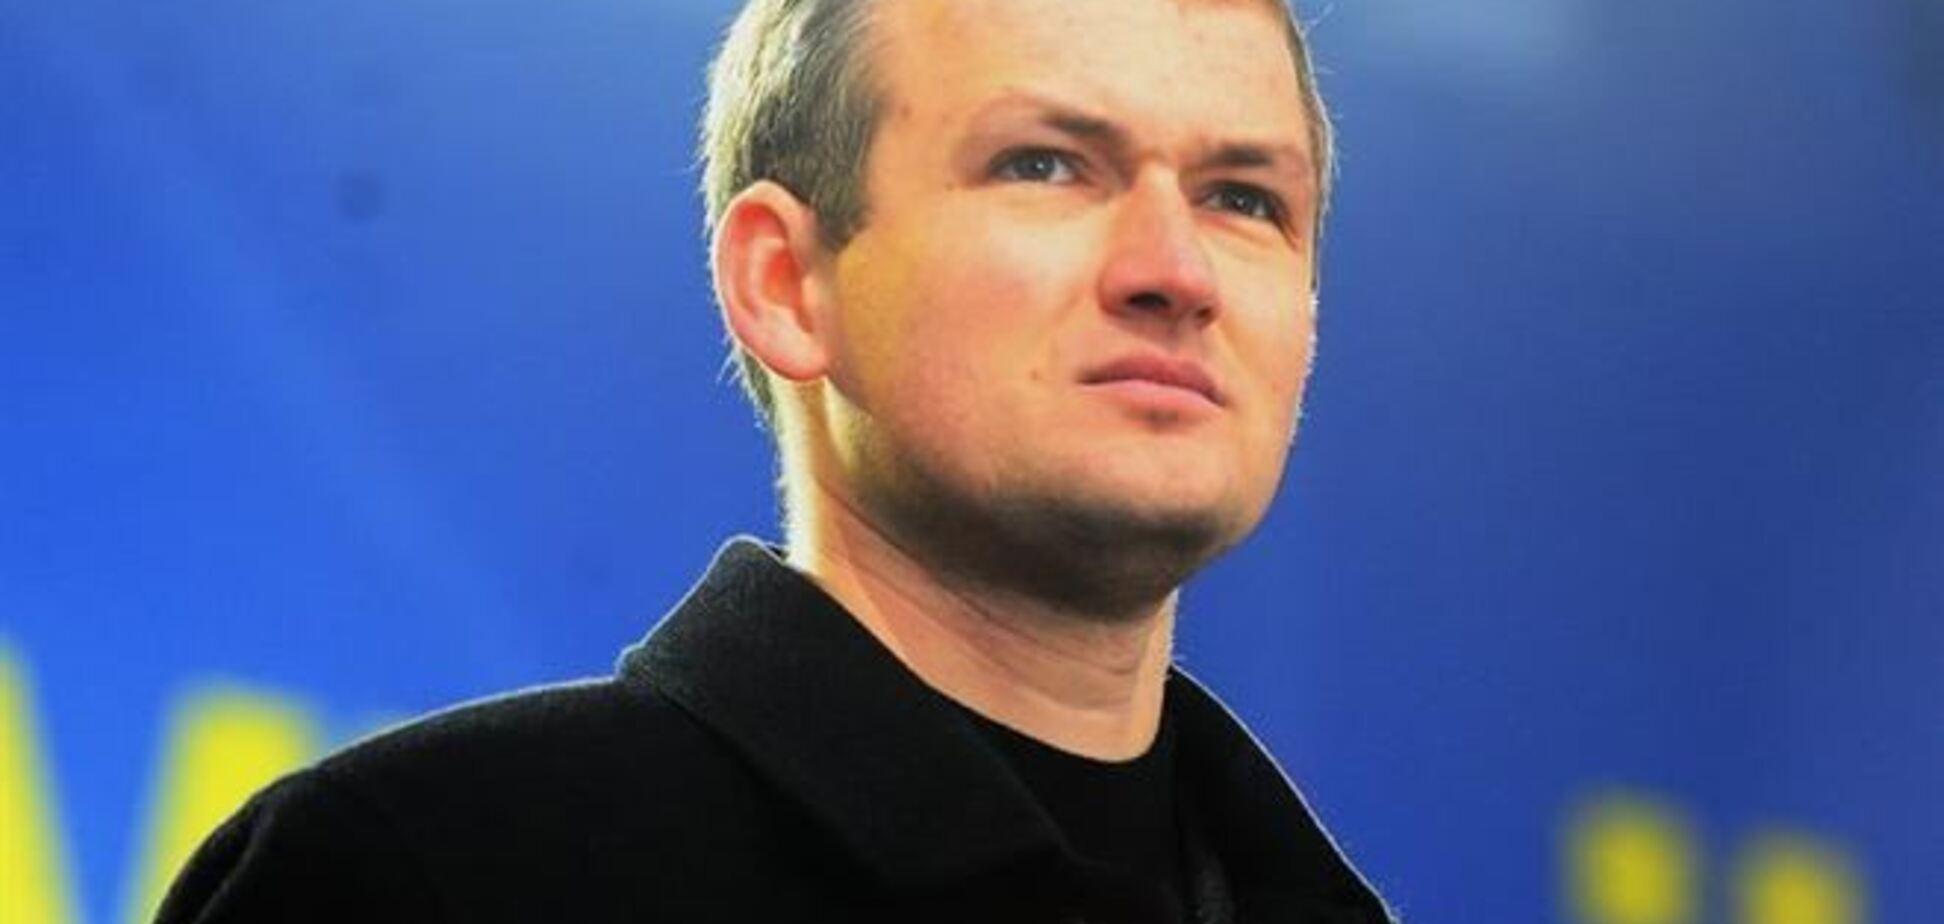 Суд отказал Левченко в пересчете голосов в 223 округе